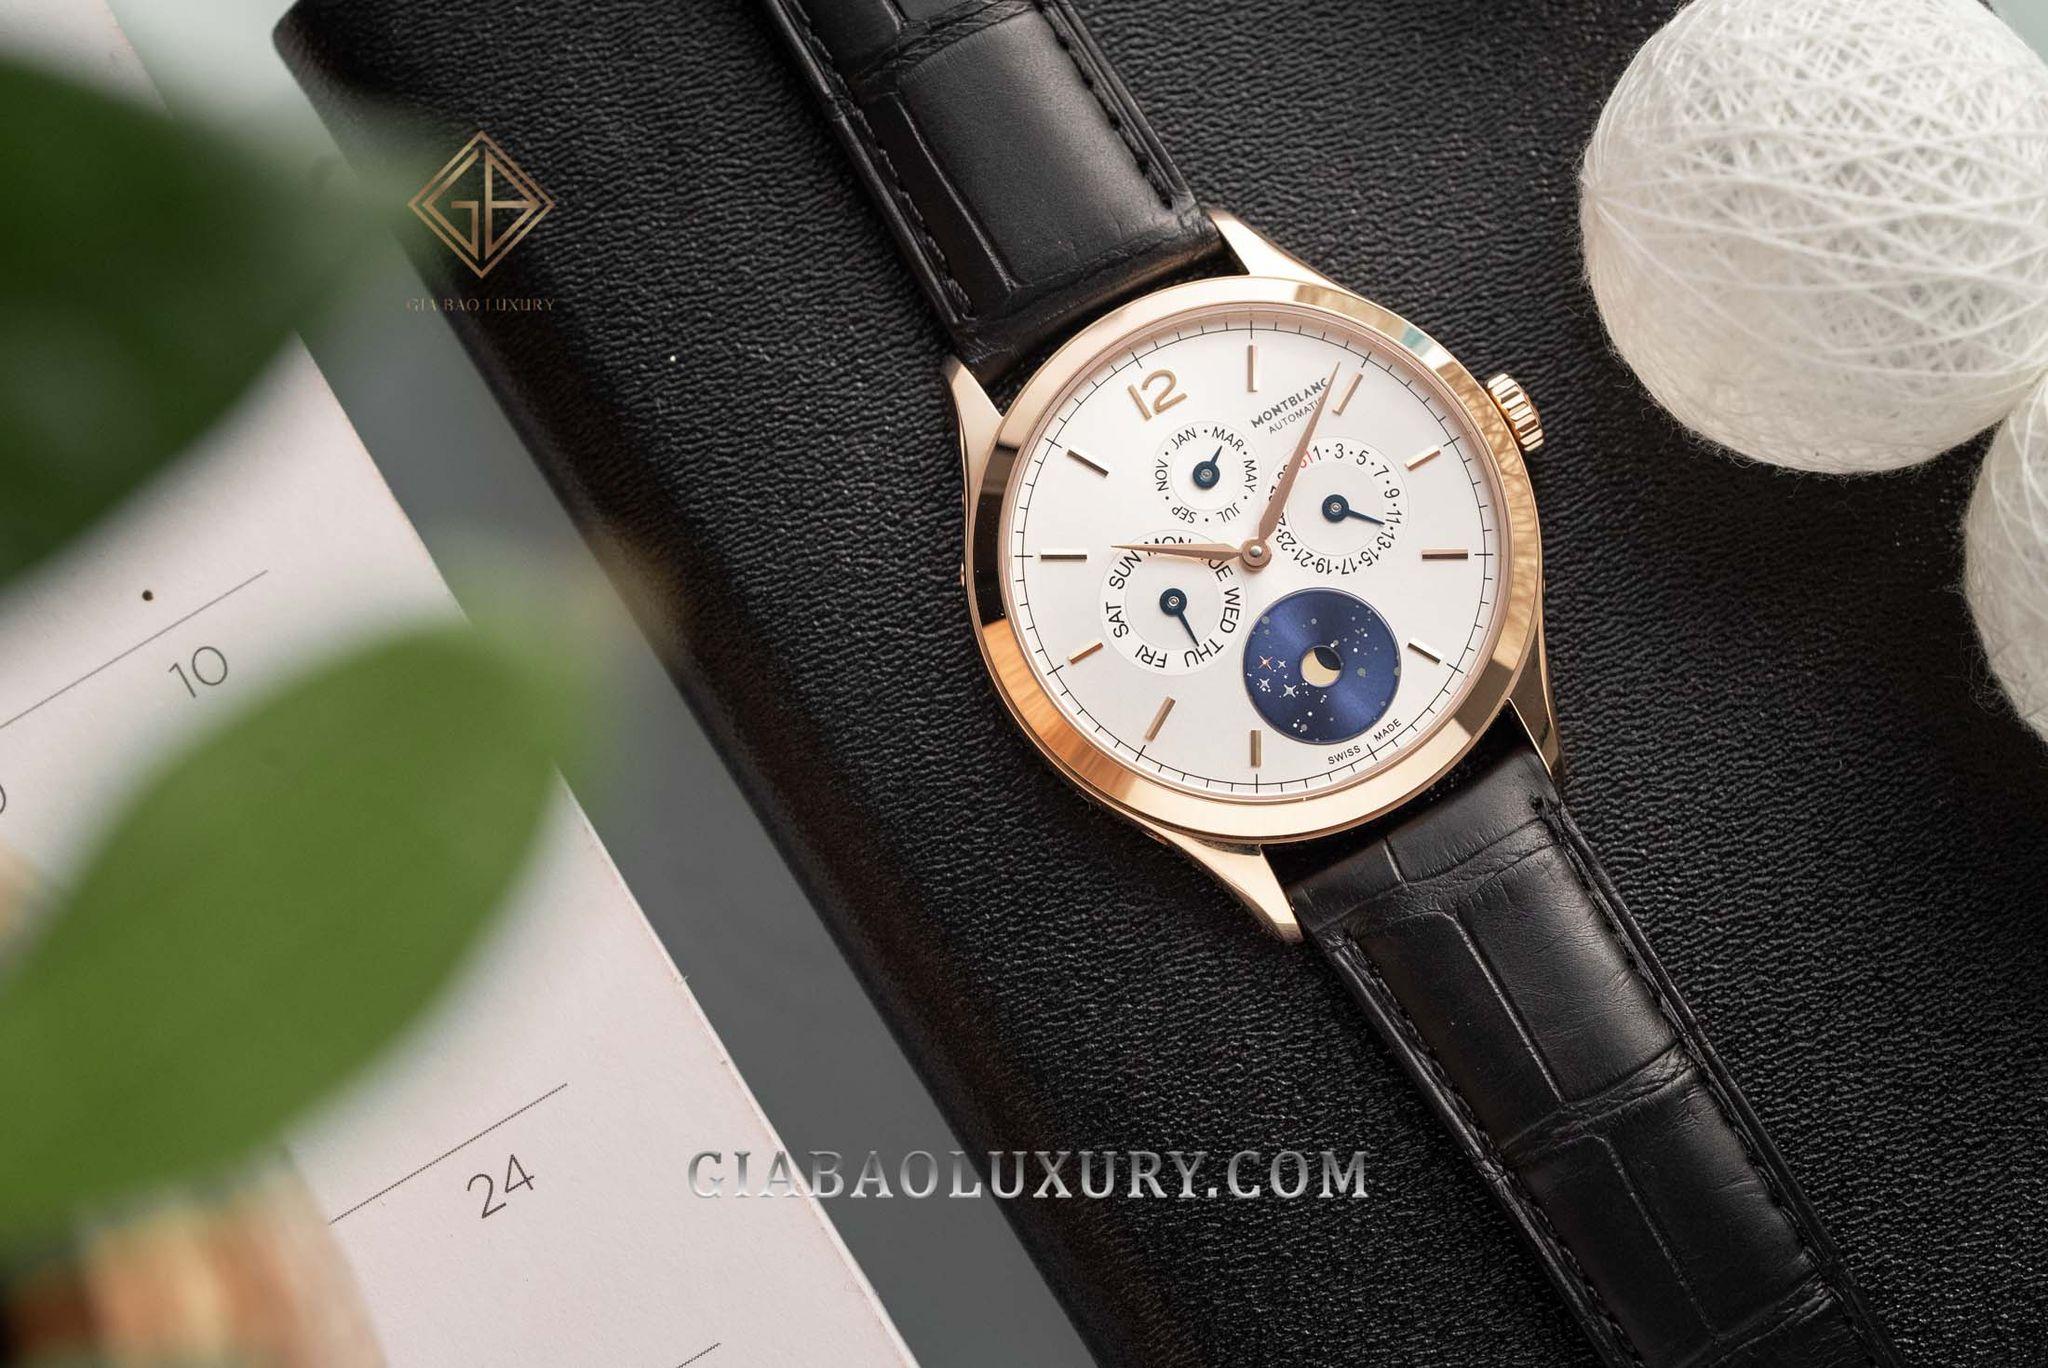 Thu mua đồng hồ Montblanc chính hãng tại Gia Bảo Luxury